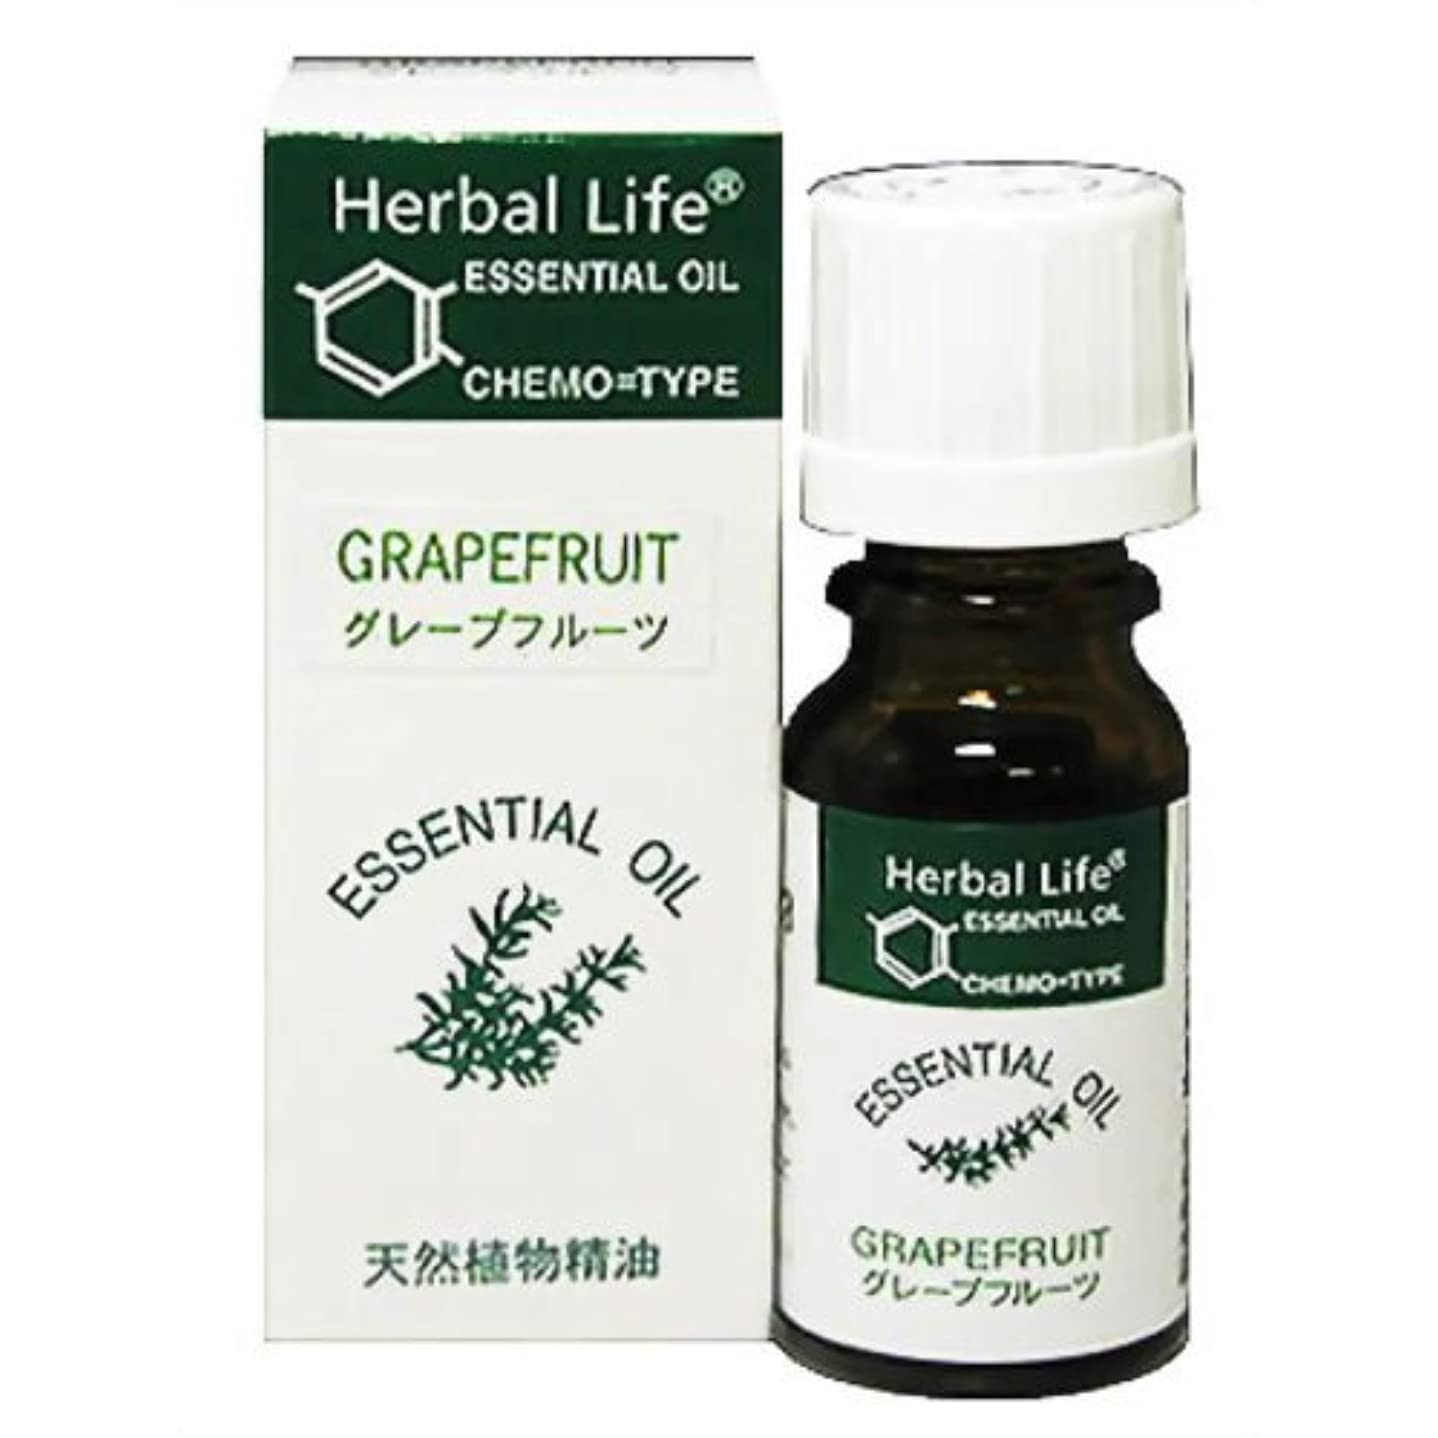 マンモス依存協会生活の木 Herbal Life グレープフルーツ 10ml